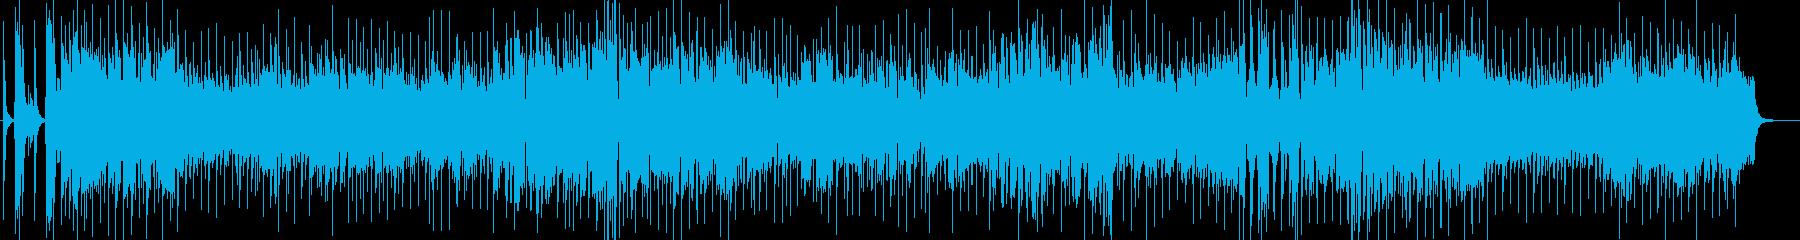 バブリーな80年代スキー場Jポップスの再生済みの波形